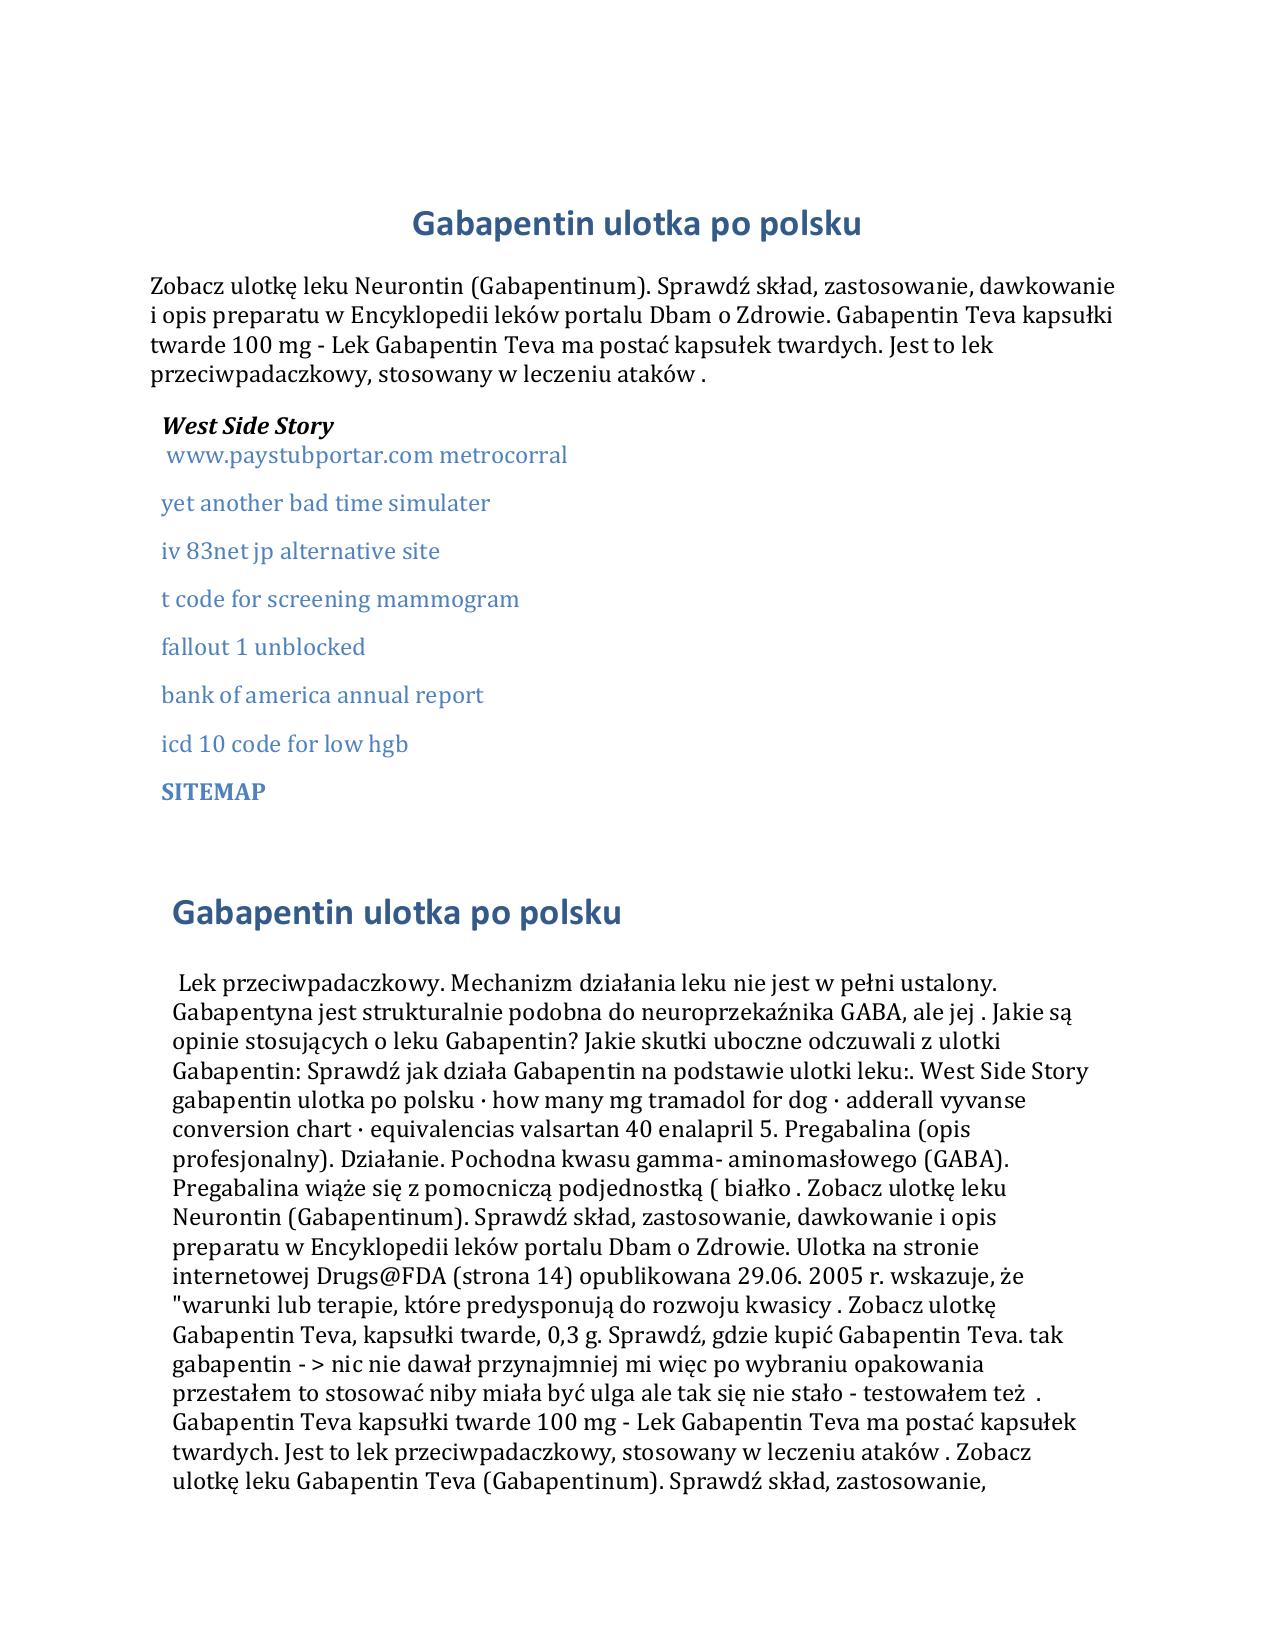 Bilastyna – Wikipedia, wolna encyklopedia